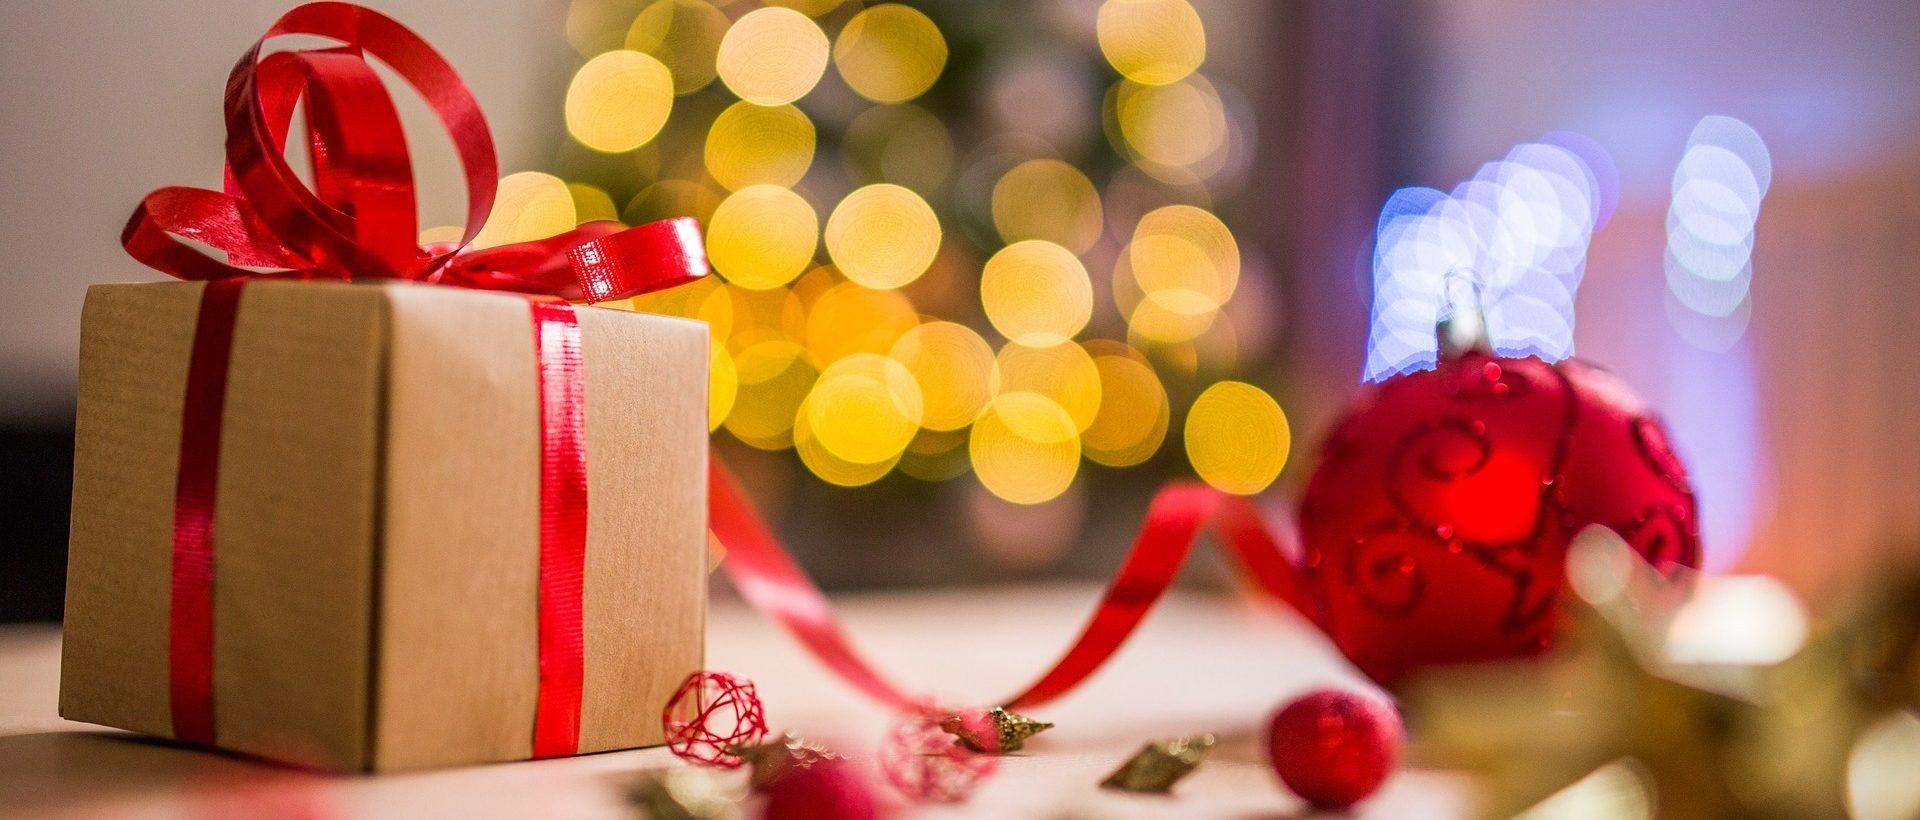 Bild mit Weihnachtsbaum und Geschenk